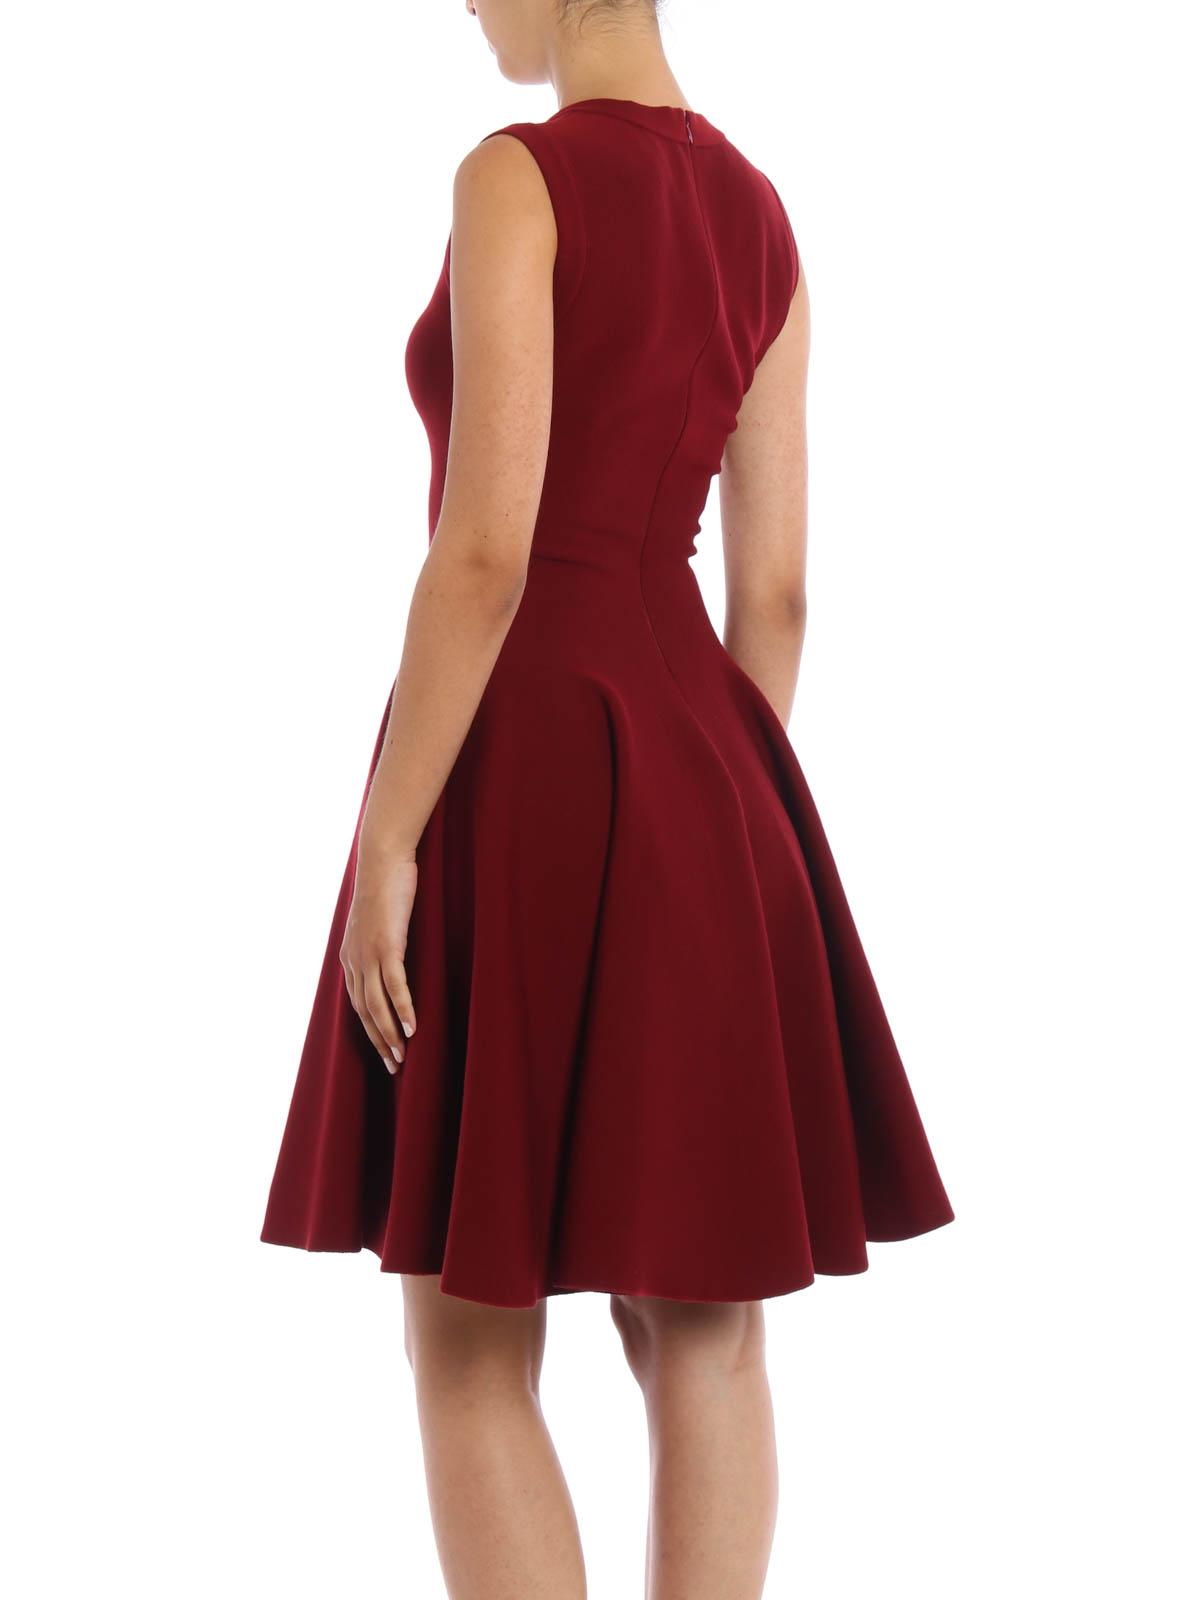 Alaïa - Knielanges Kleid Divine - Dunkelrot - Knielange Kleider